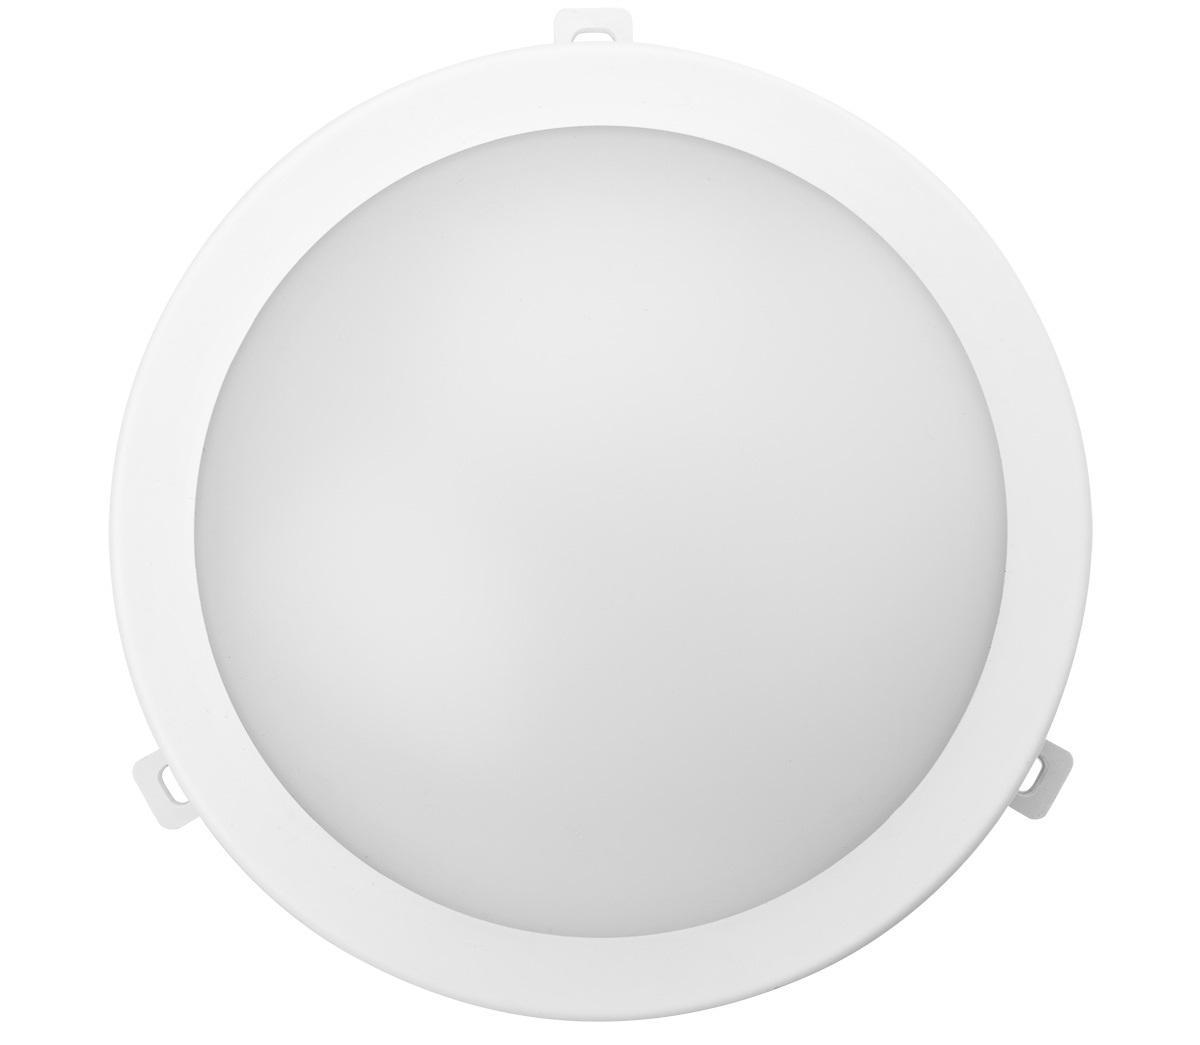 Светильник МАЯК Ll-bh-r/12w/4000